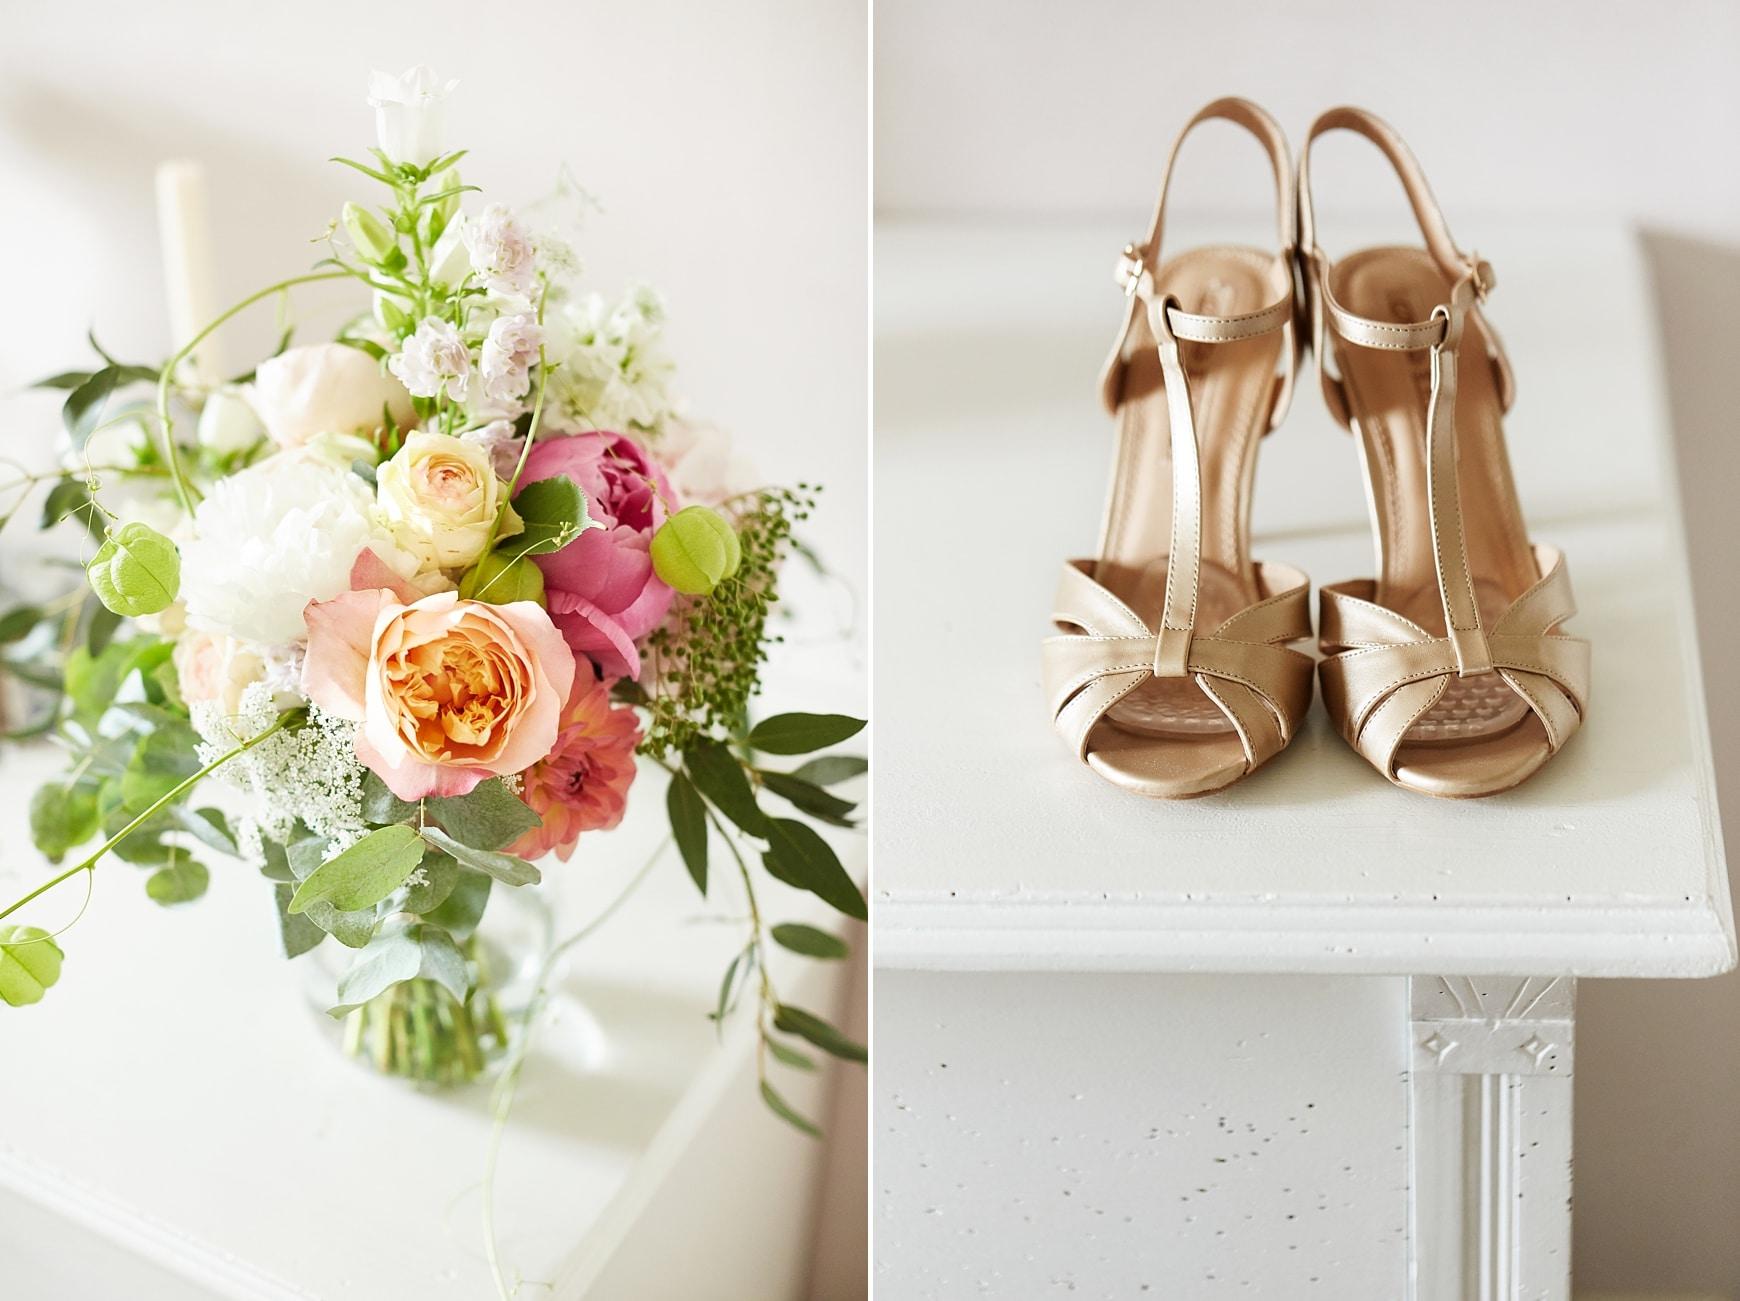 Ein Hochzeitsstrauß in den Farben Apricot und Rosa